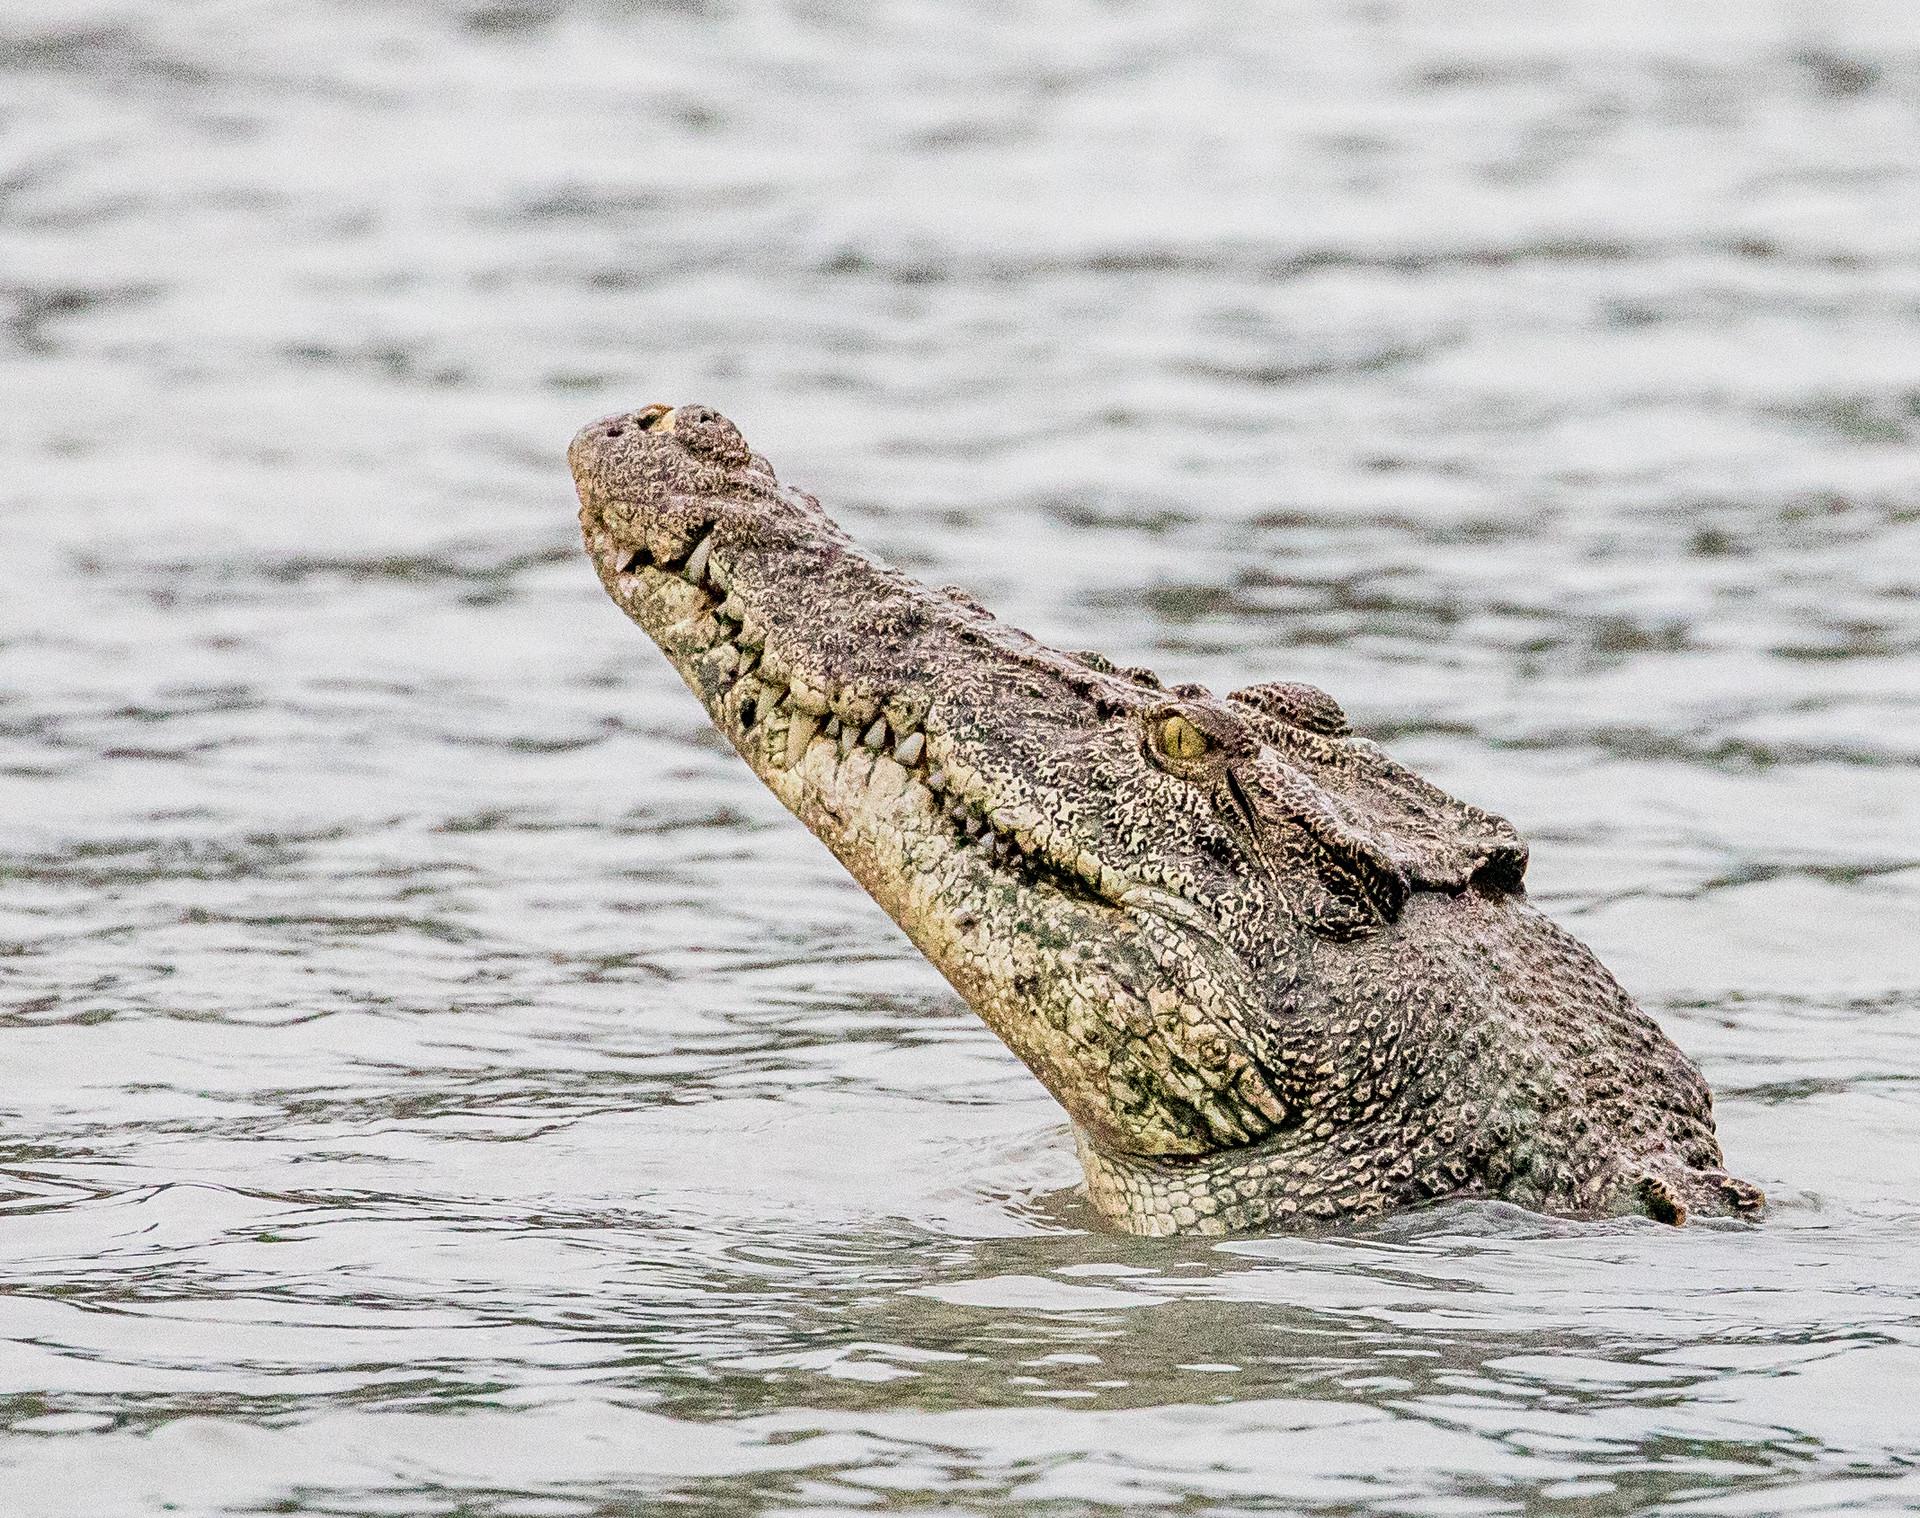 saltwater crocodile, Kimberley.